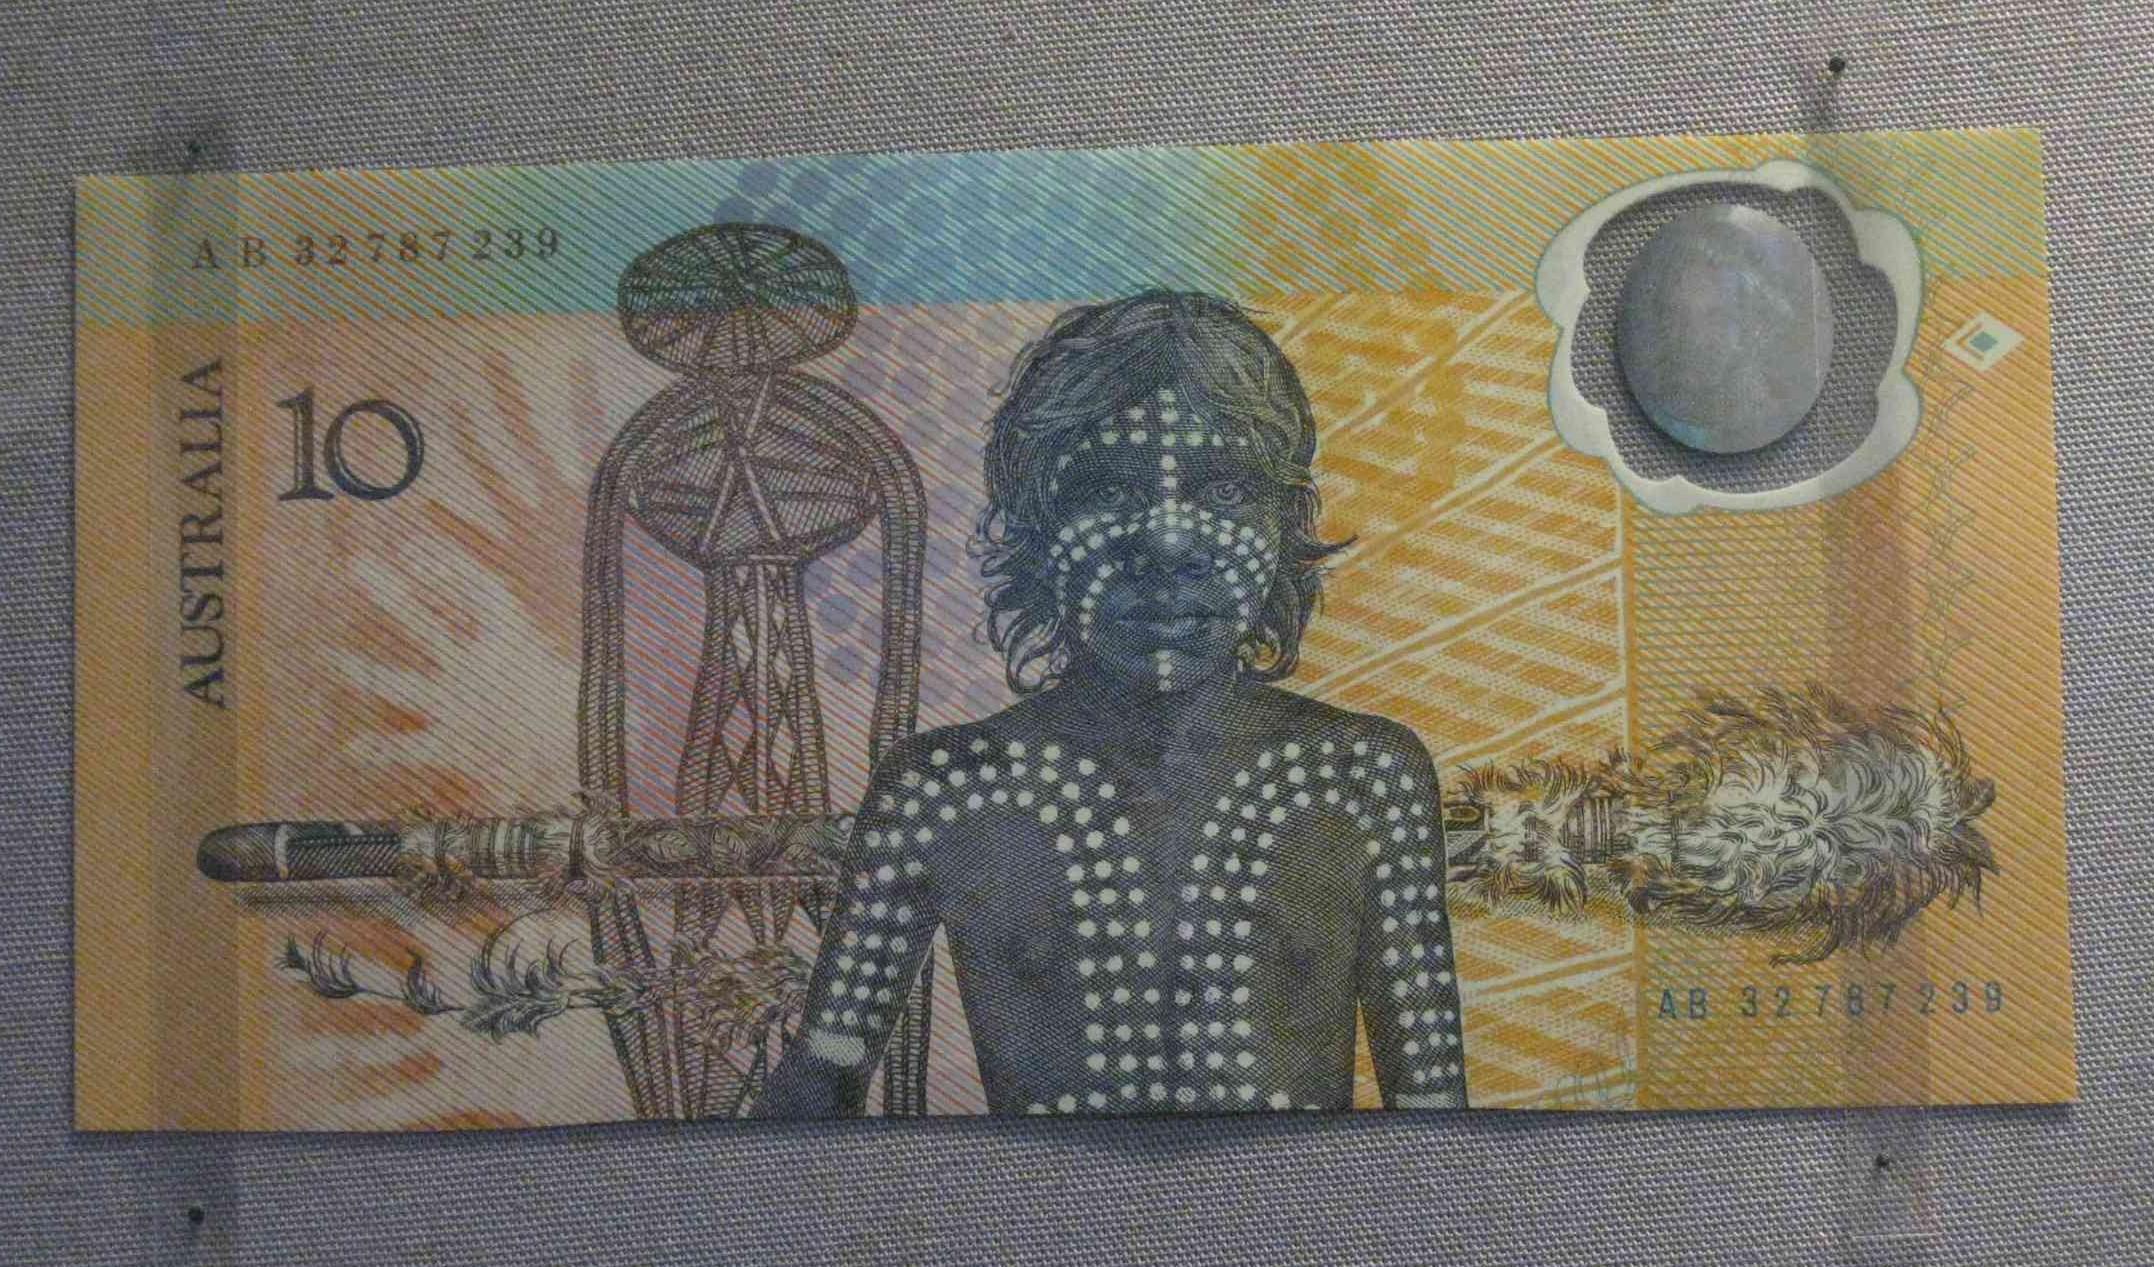 Australiens erster Plastik-Geldschein von 1988, gesehen in der Citi Money Gallery im British Museum in London, UK